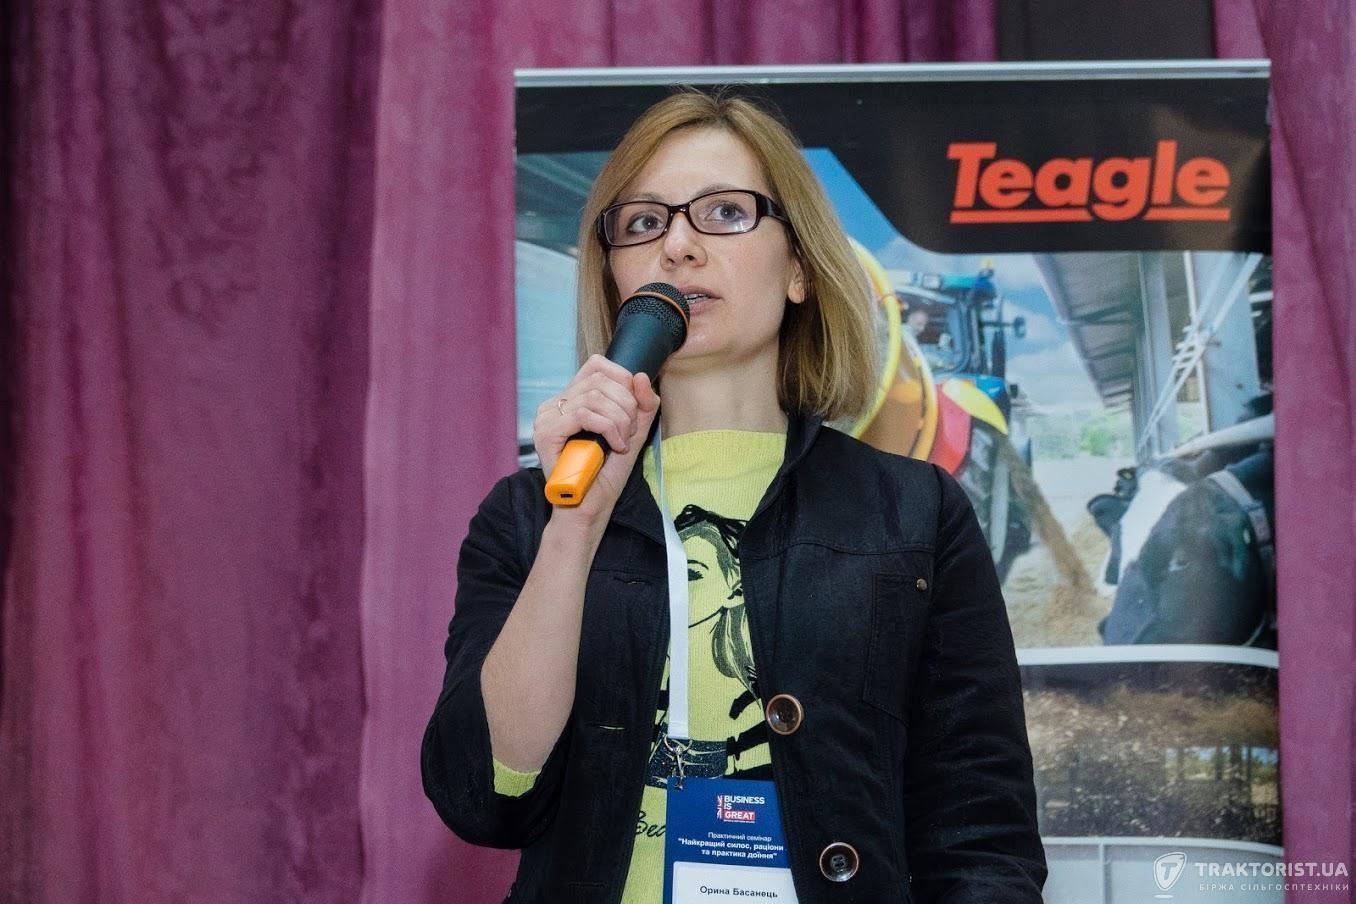 Орина Басанець